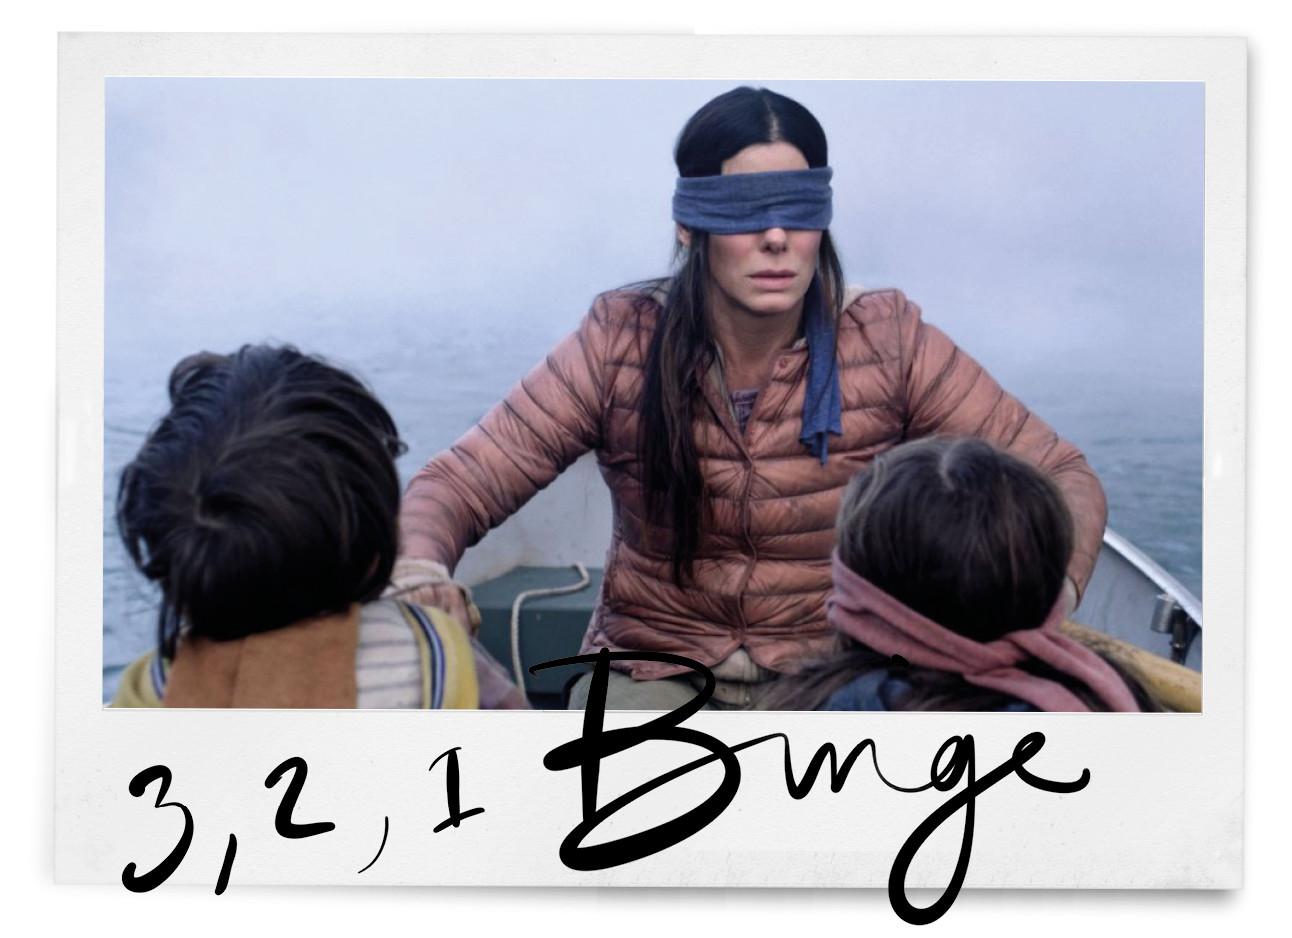 scene uit de netfilx film de birdbox malorie met de twee kindjes boy en girl in een boot met blinddoeken 3,2,1 binge